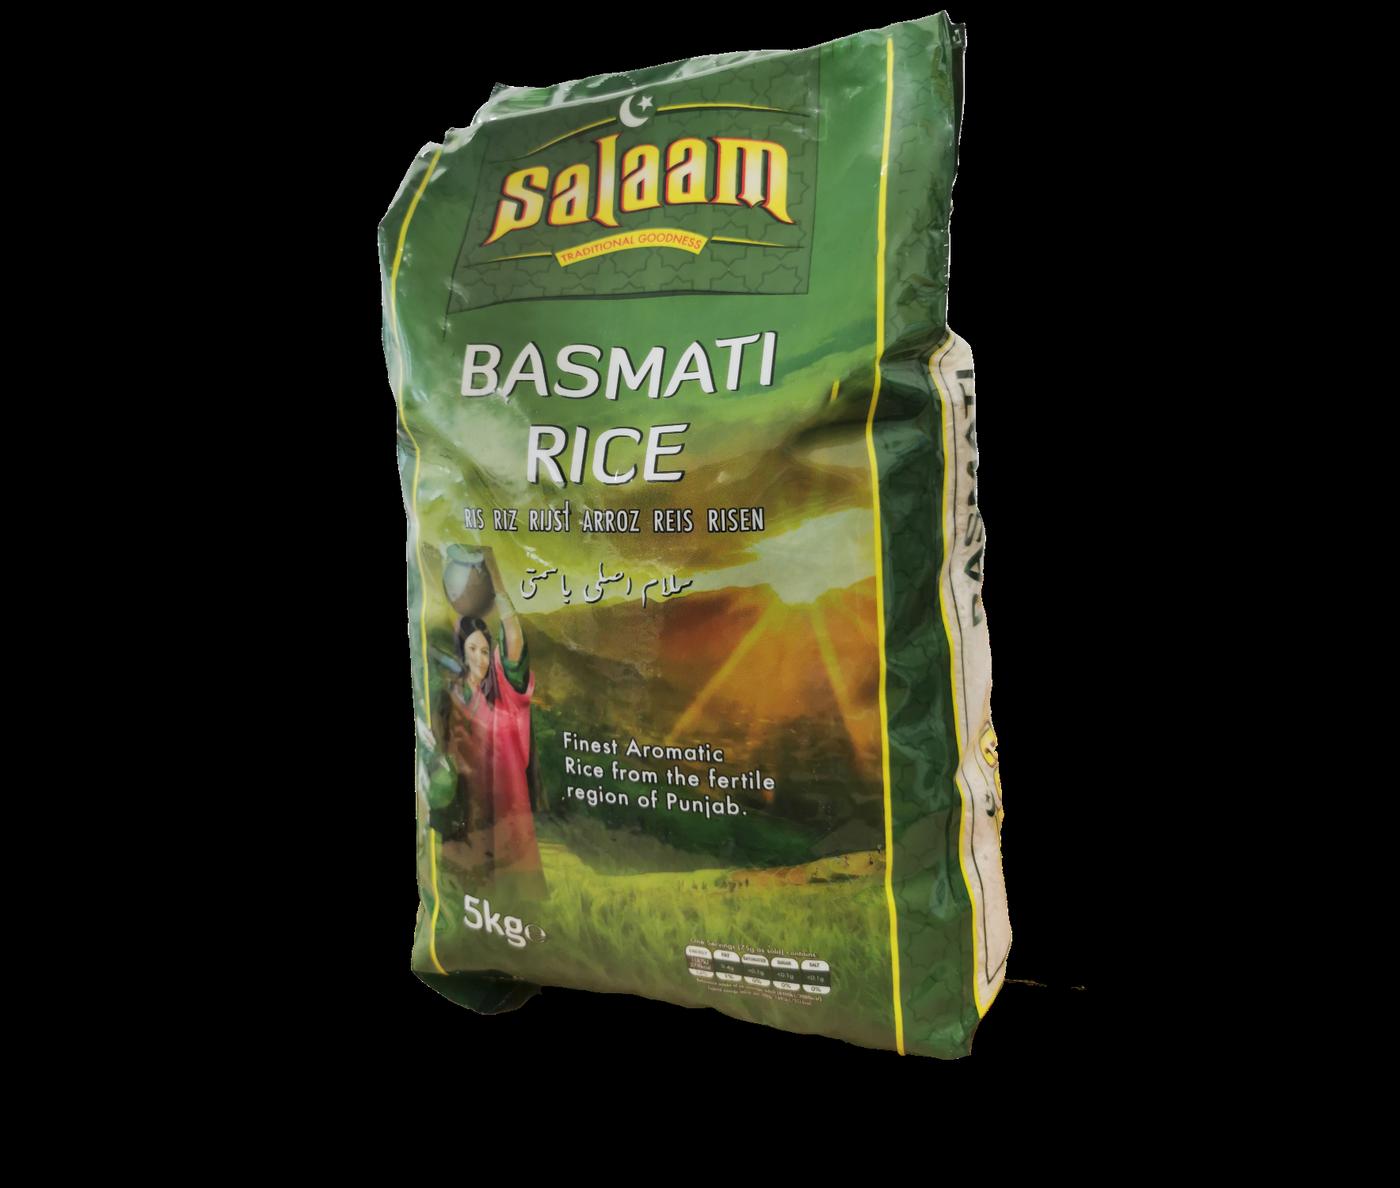 Salaam Basmati Rice